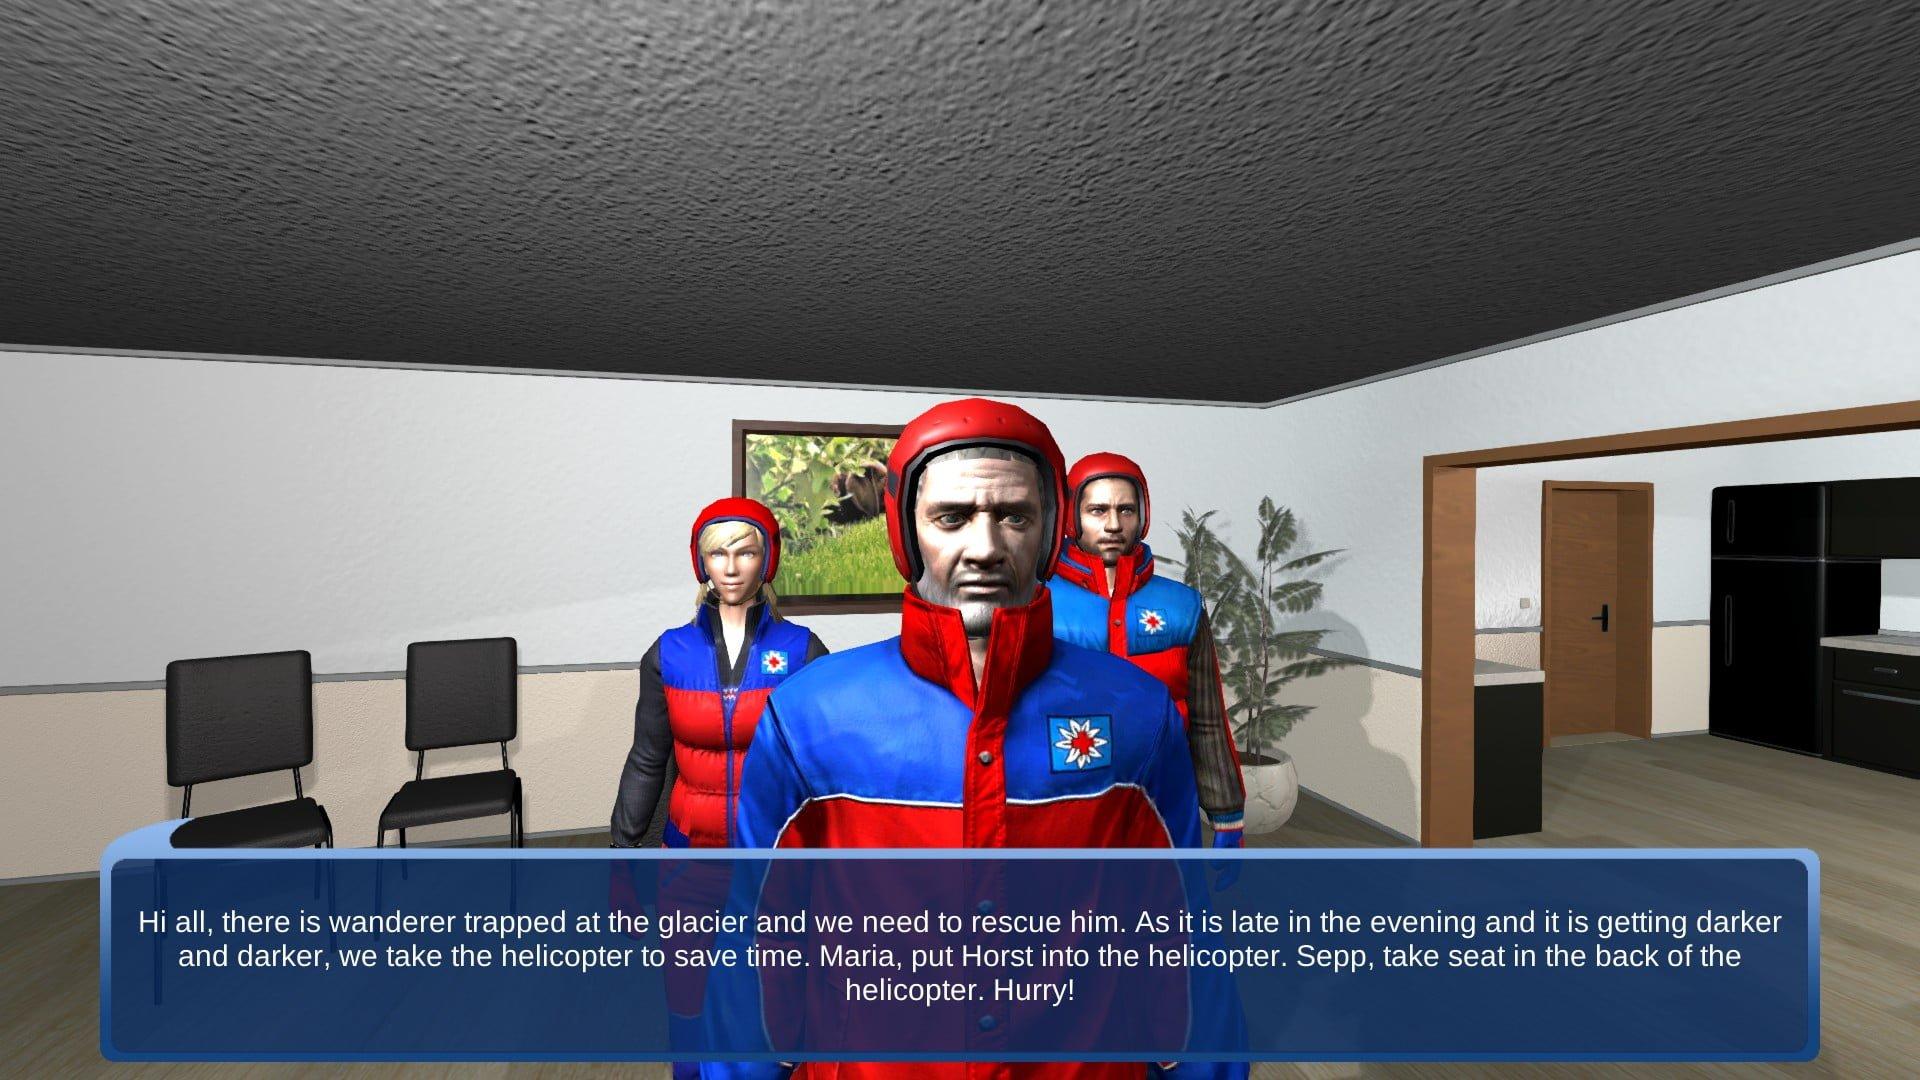 Mountain Rescue Simulator 2